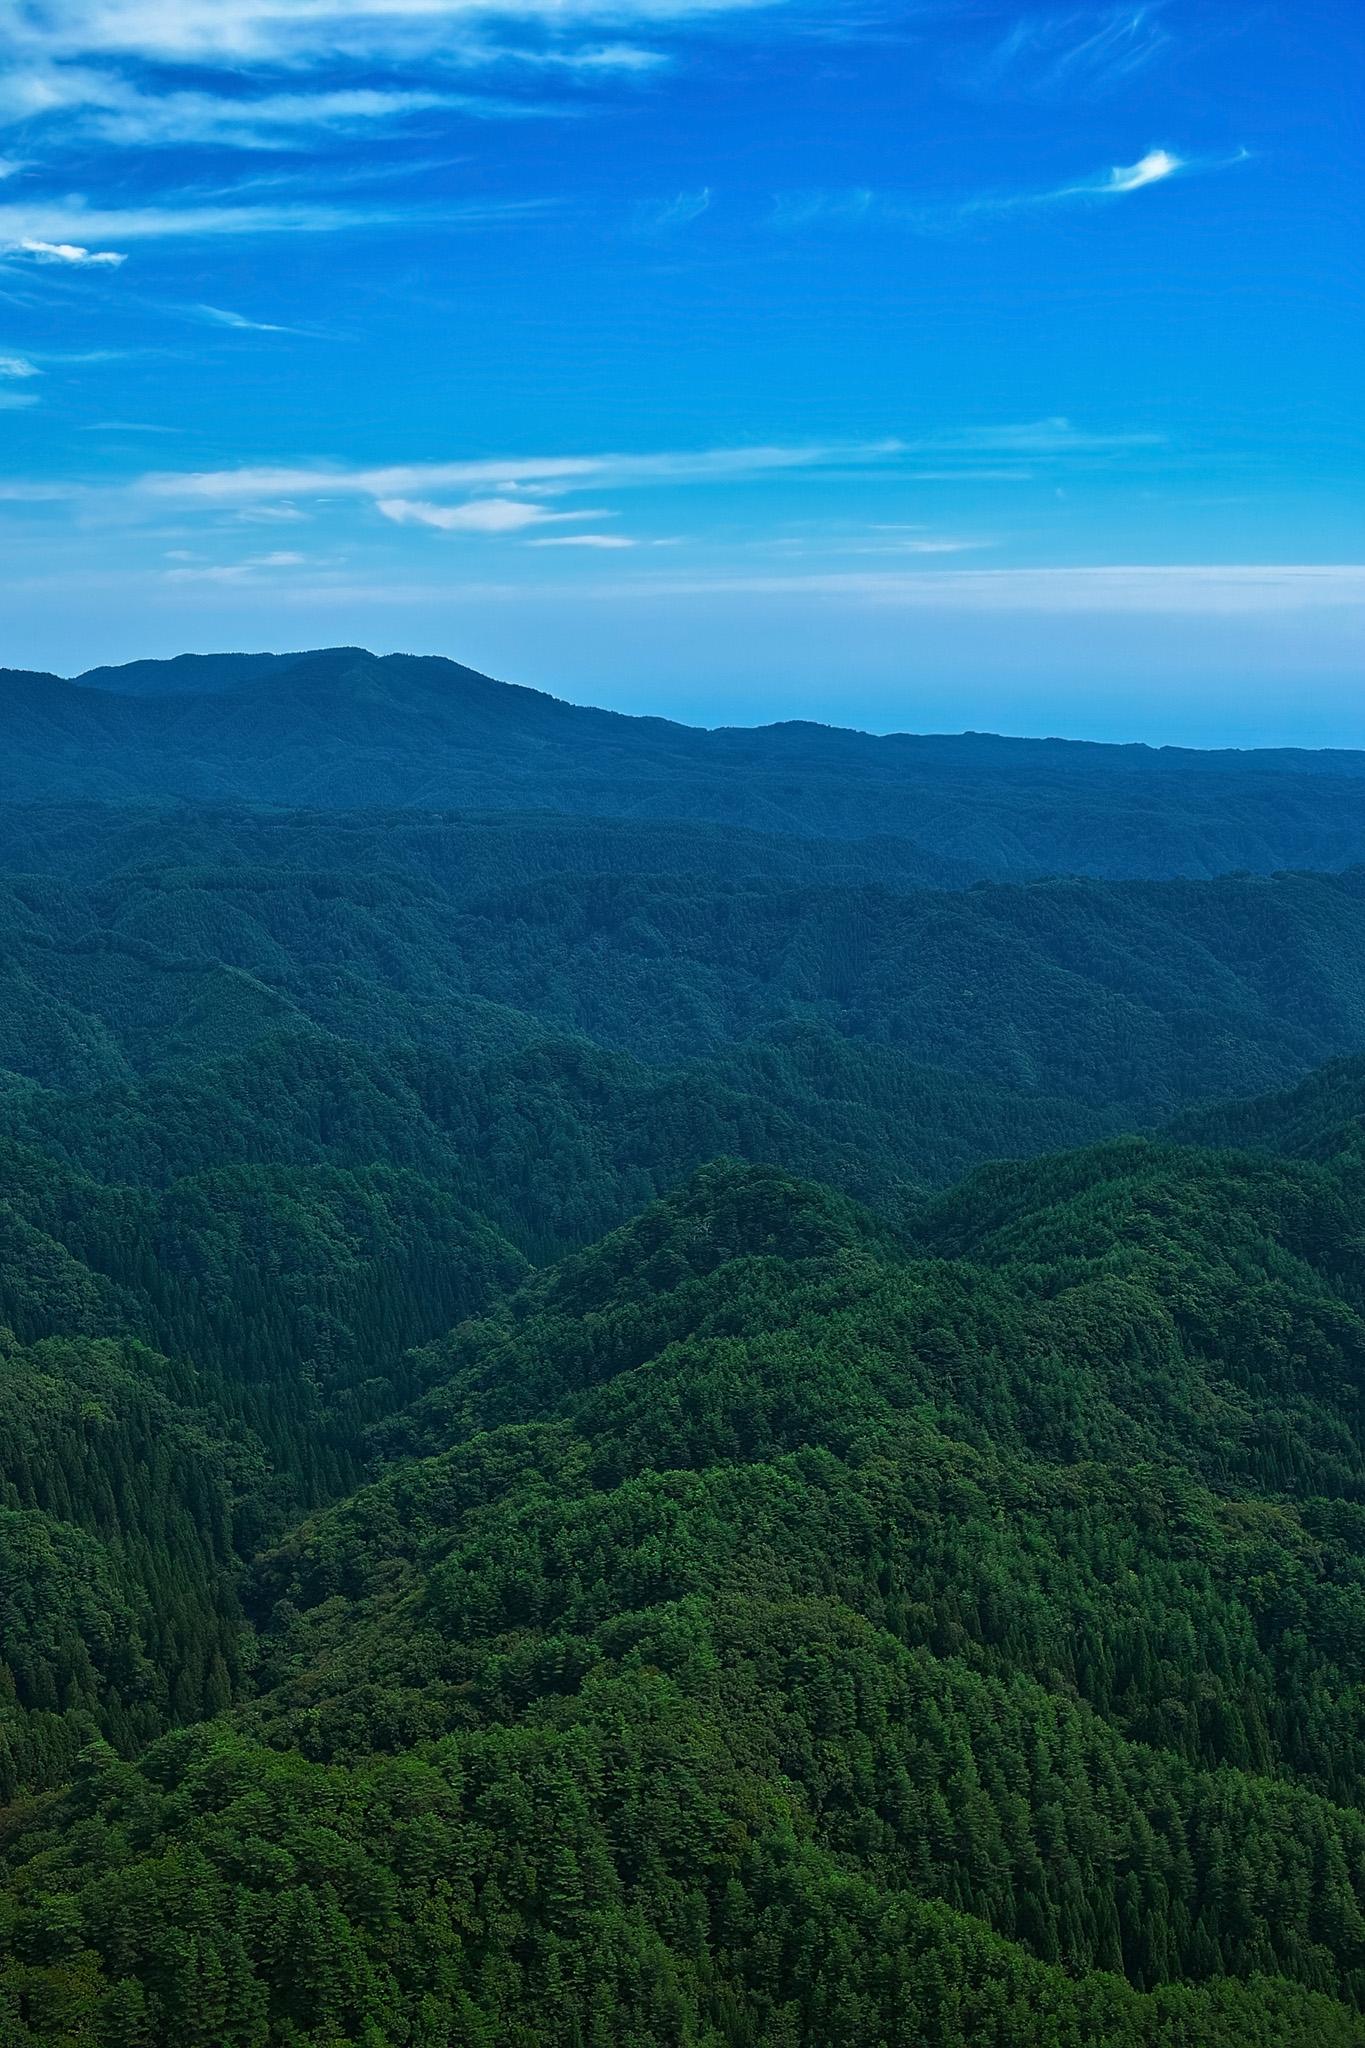 「深い山の向こうに見える青空」